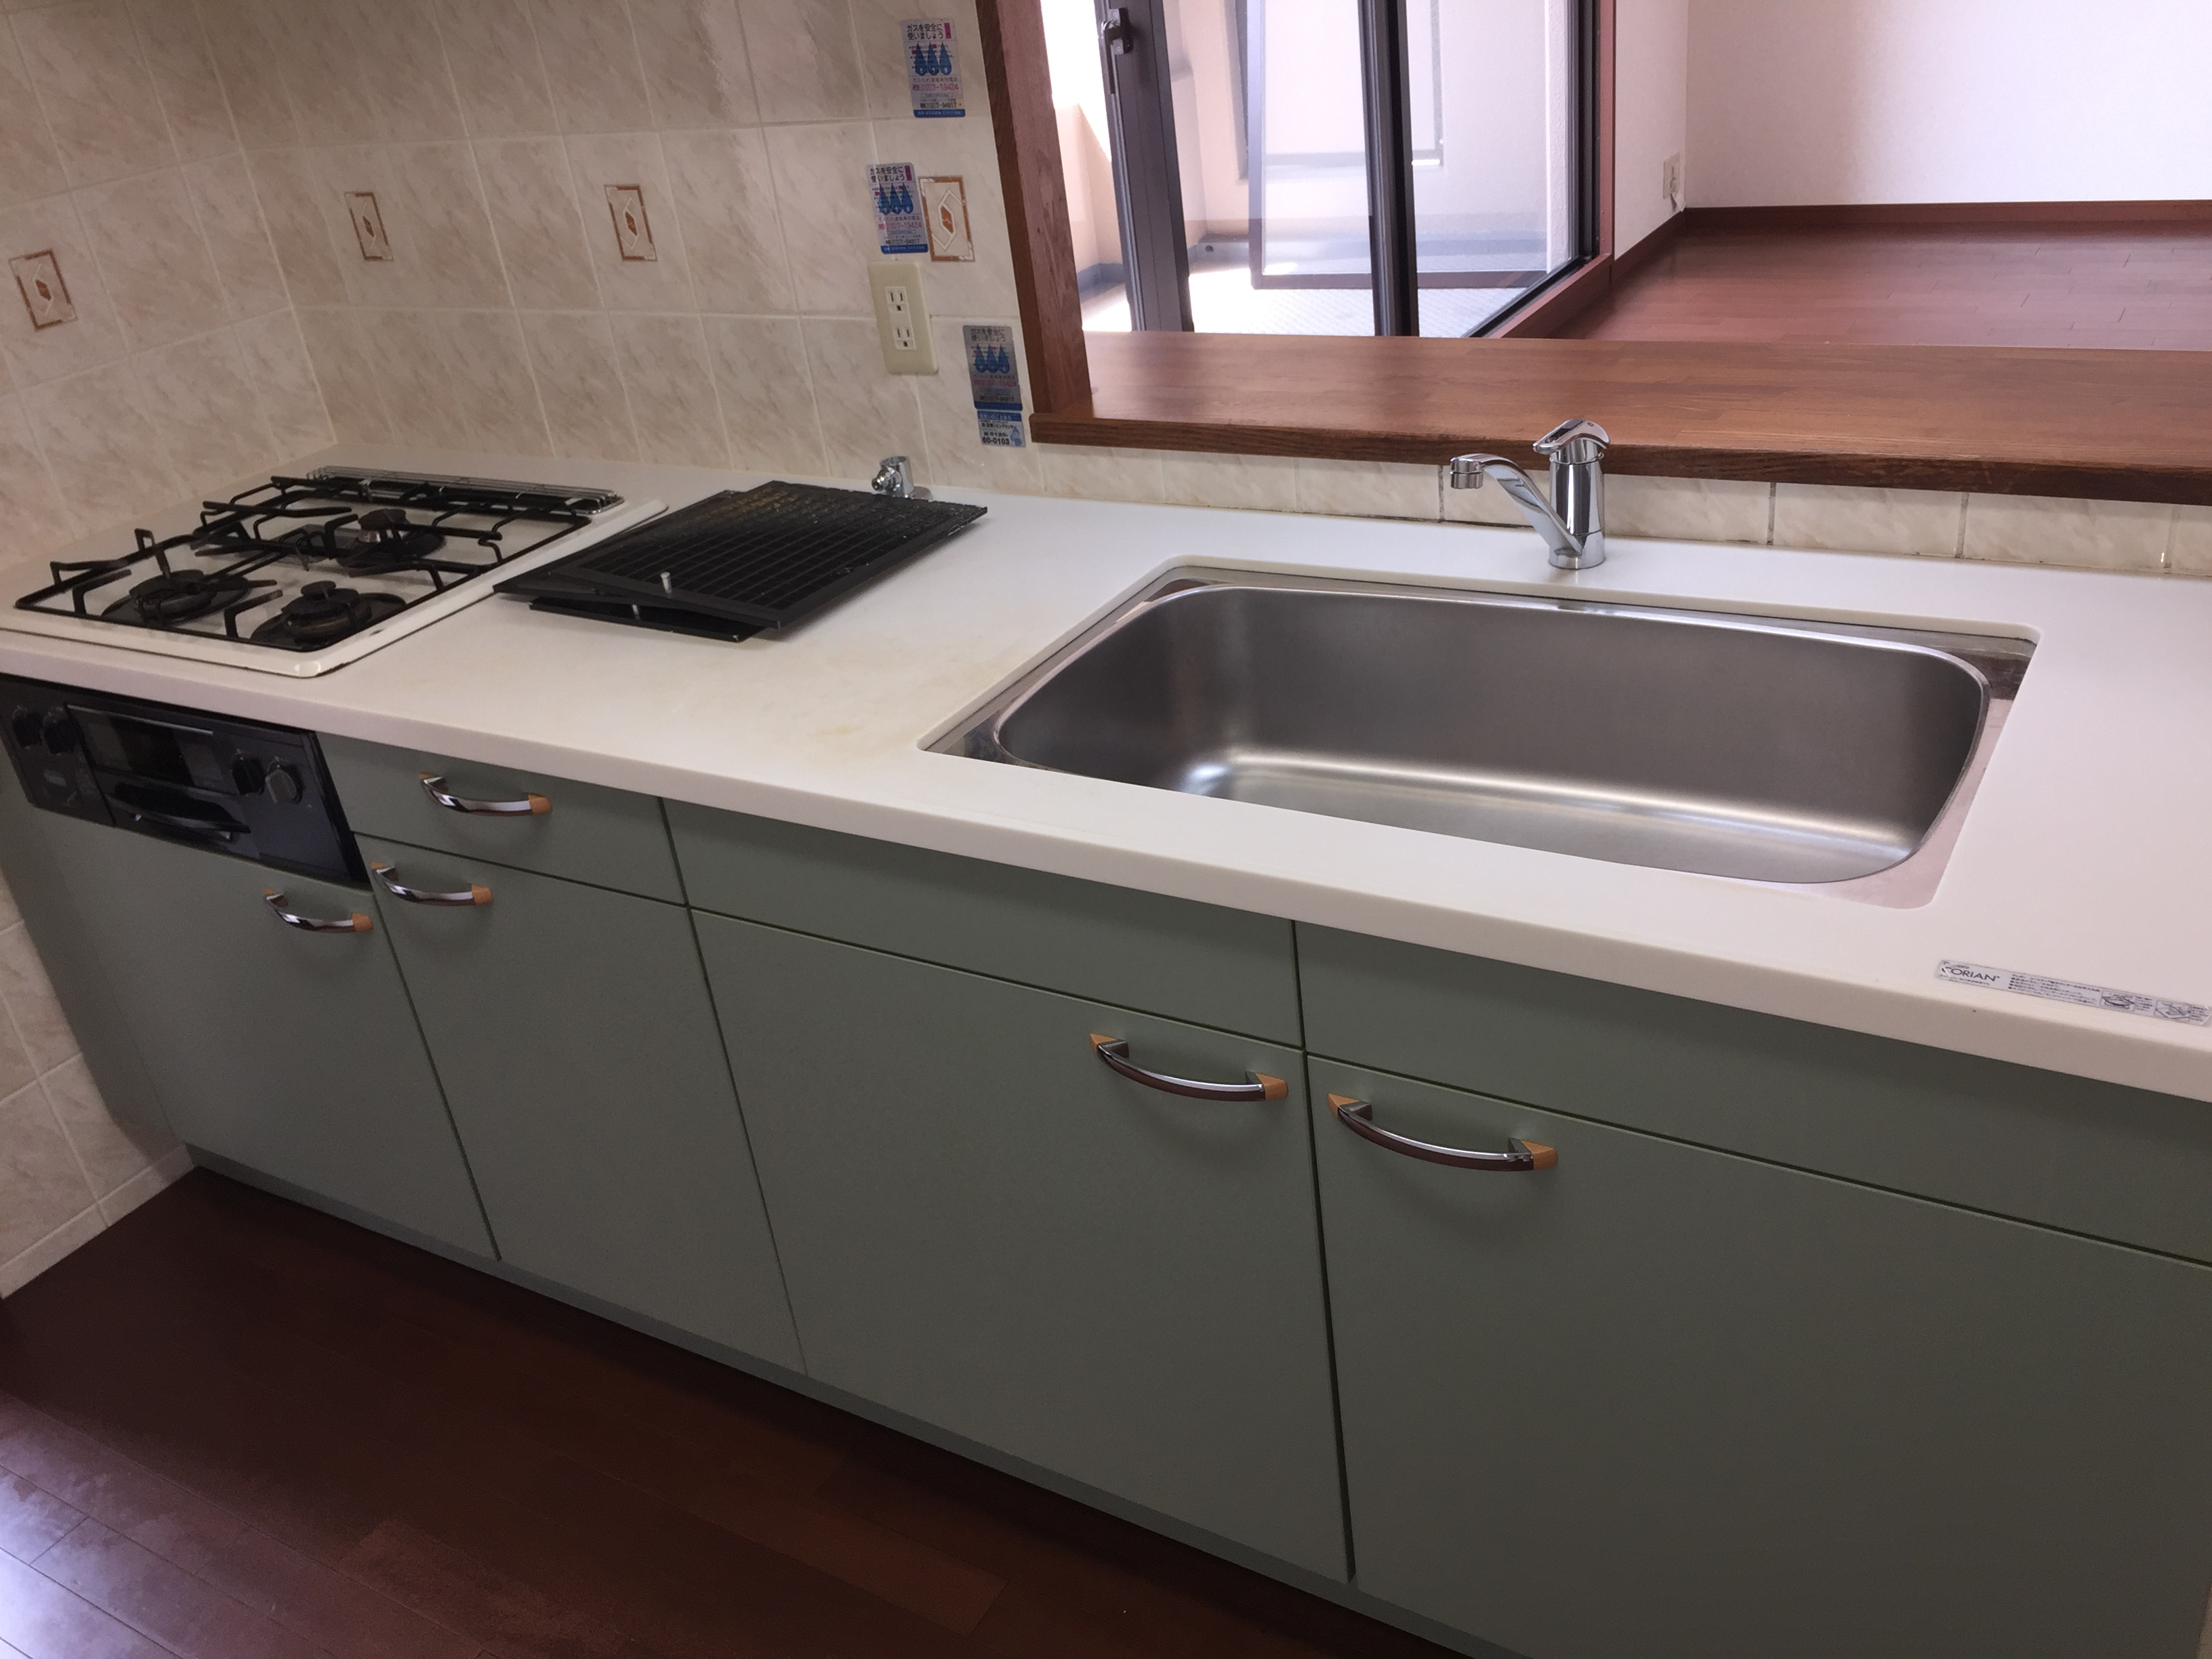 宝塚市 台所・台所掃除、レンジフードの頑固な油汚れなどハウスクリーニングいたします!